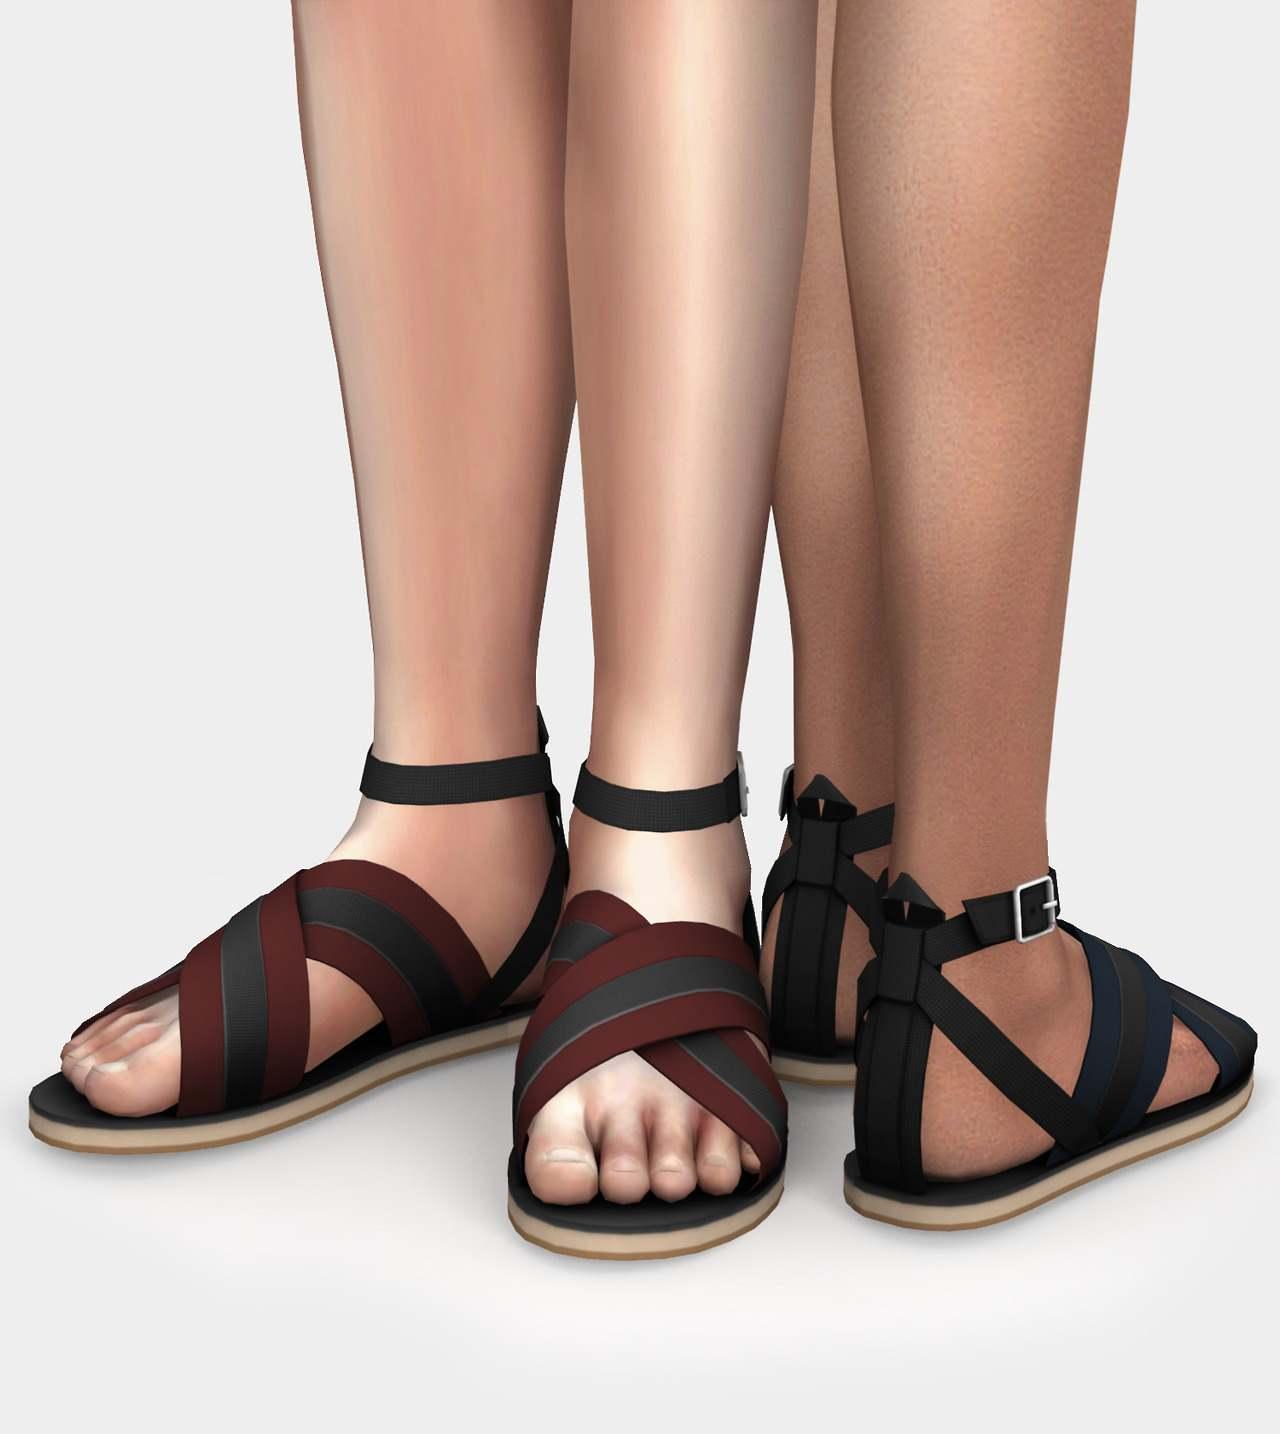 Сандалии - Dries Van Noten Sandals (1)